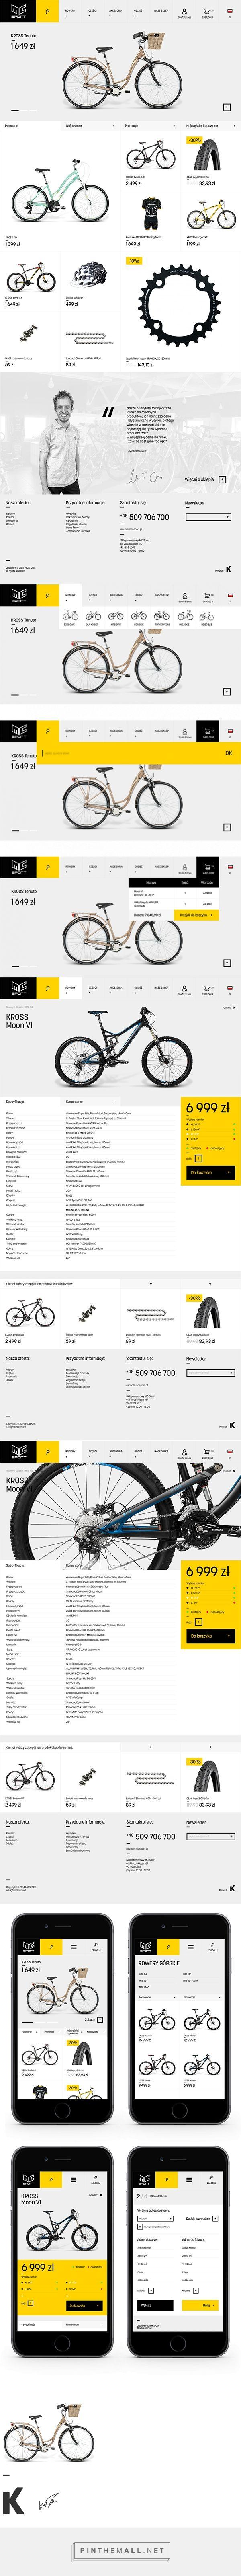 MC Sport Website on Behance - created via https://pinthemall.net